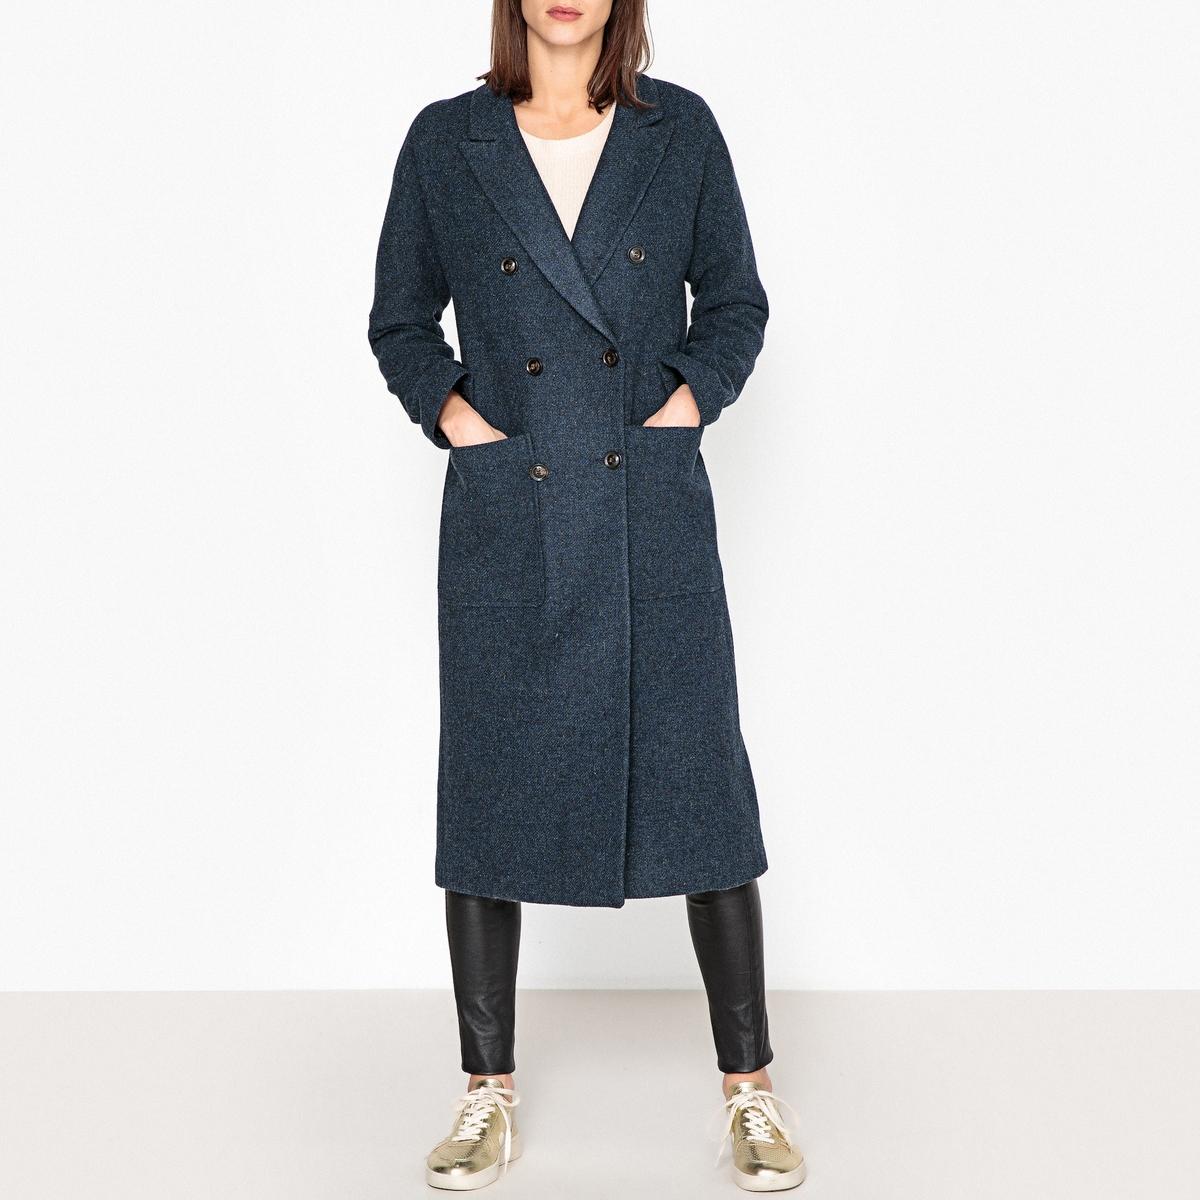 Пальто прямое с пиджачным воротником, из шерстяного драпа длинное пальто из шерстяного драпа